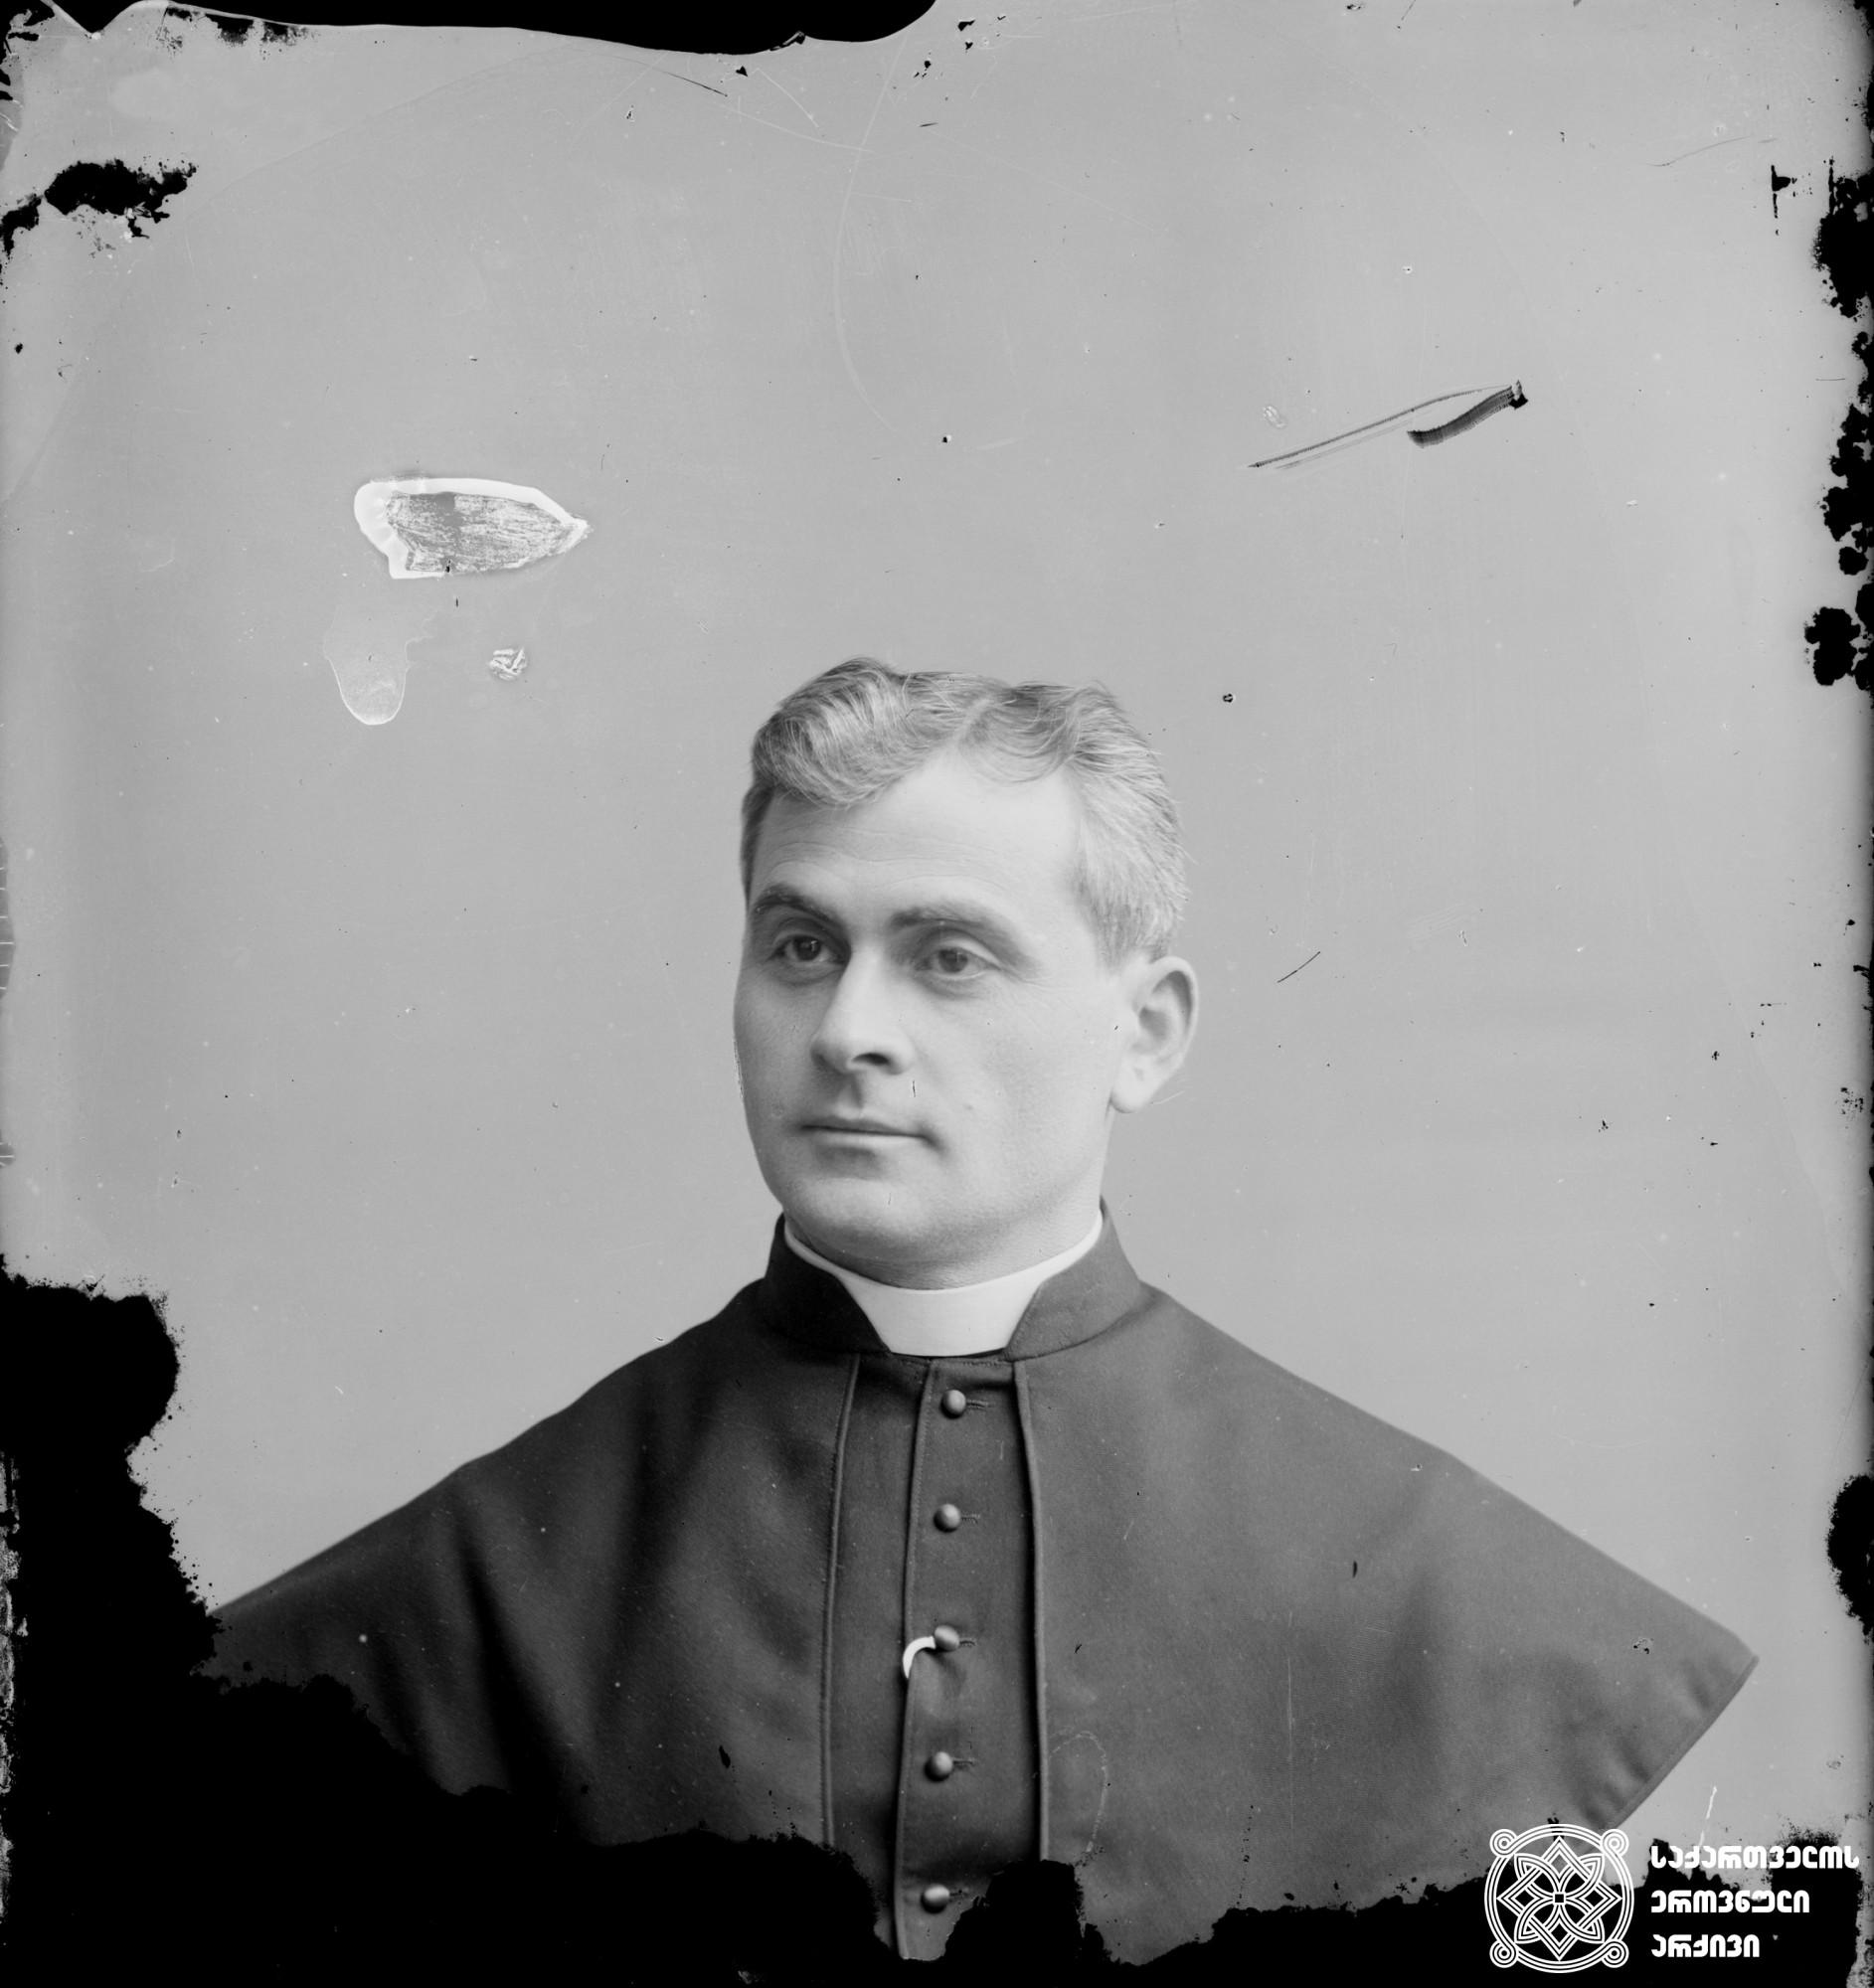 დონ დამიანე სააკაშვილი (1865-1940), ქუთაისის კათოლიკეთა მონასტრის წინამძღვარი. <br> მინის ნეგატივი 12X16. <br> Don Damian Saakashvili (1865-1940), head of the Kutaisi Catholic Monastery. <br> Glass negative 12X16.